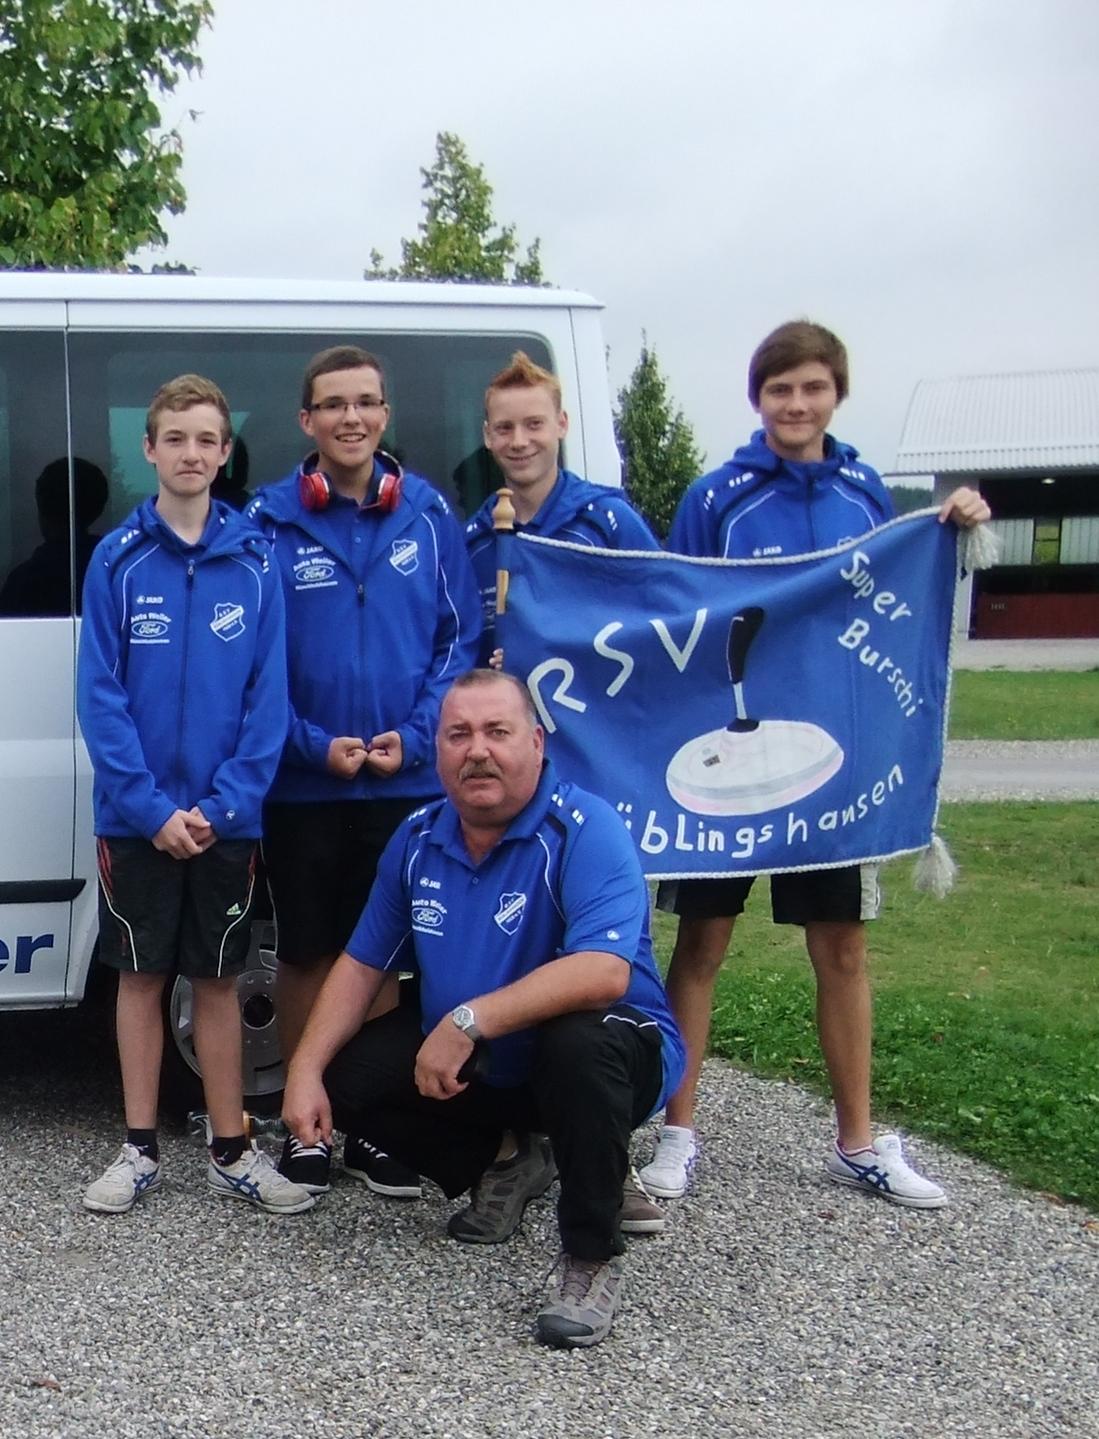 Die U16 mit den Spielern (v. L. n. R.) Janis Brück, Jonas Keil, Gabriel Mattes und Marcel Porst